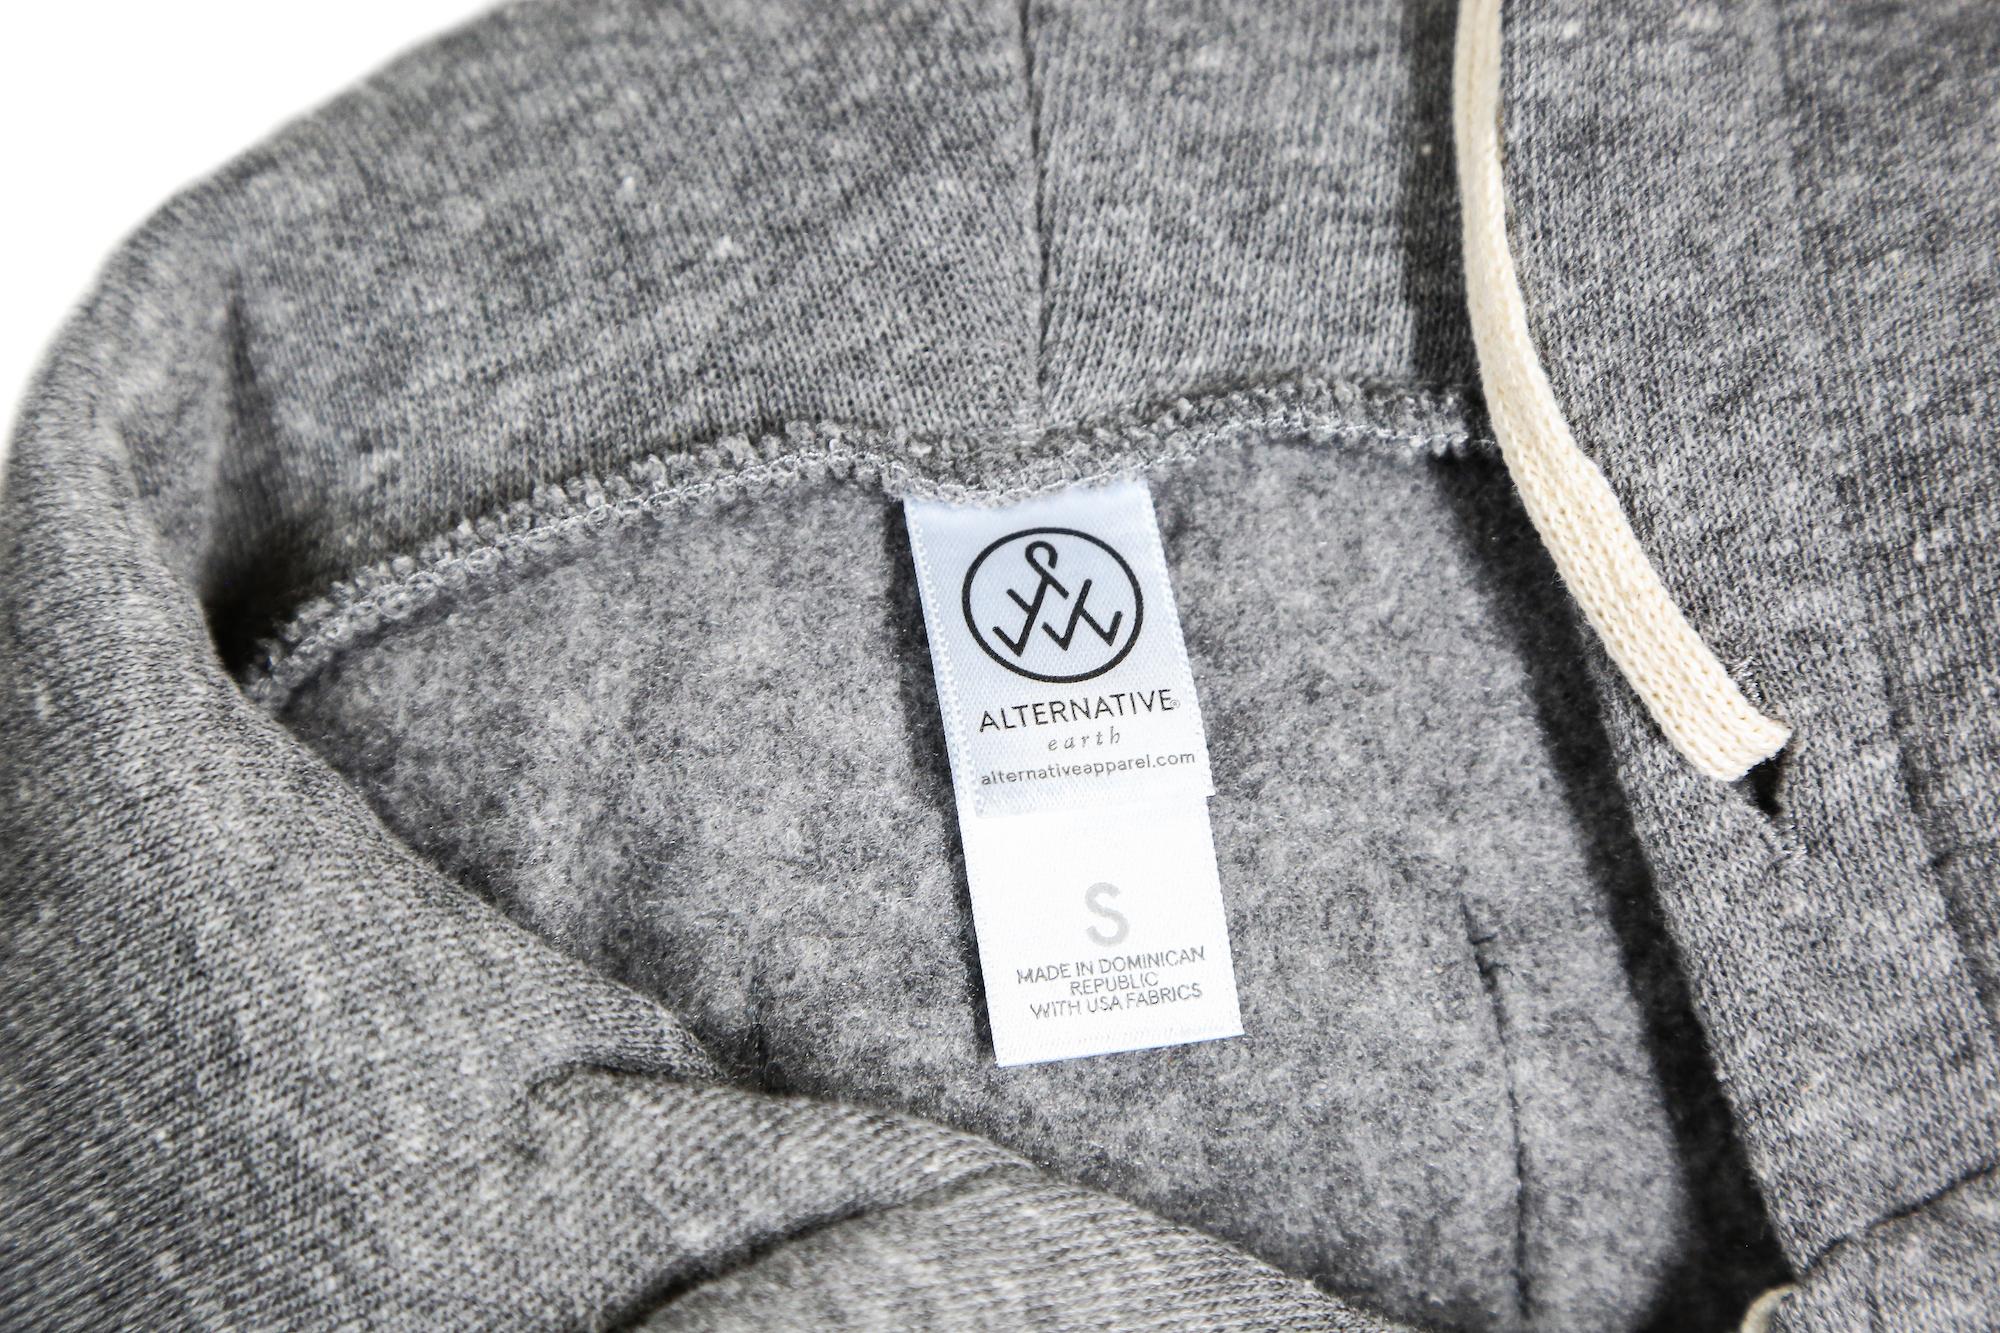 close up of alternative apparel neck tag inside shirt